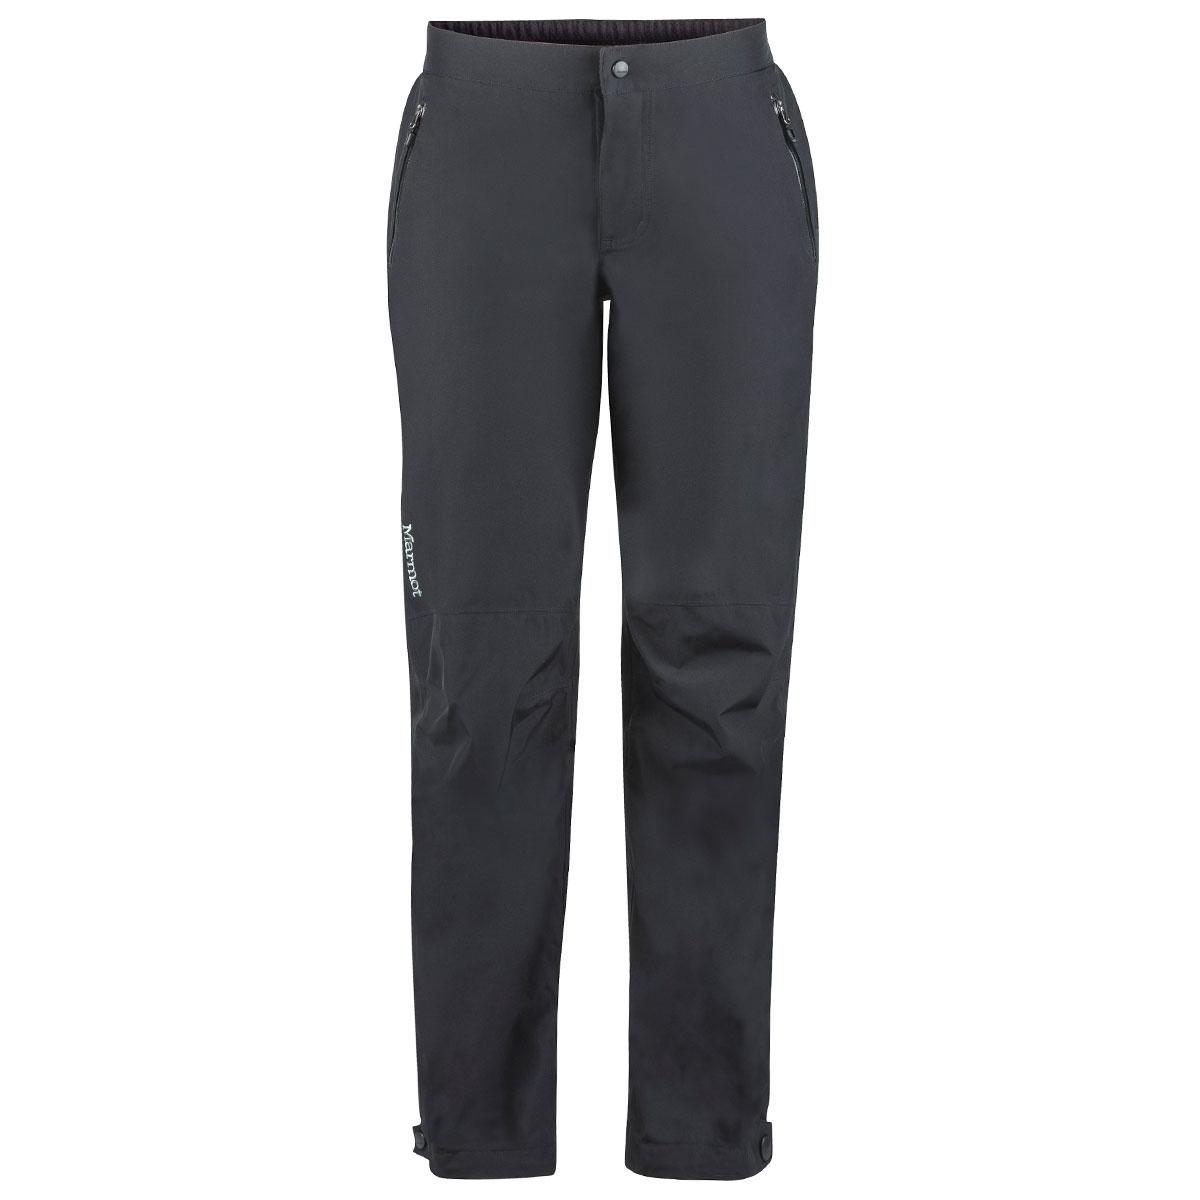 Marmot Women's Minimalist Waterproof Pants - Black, XS